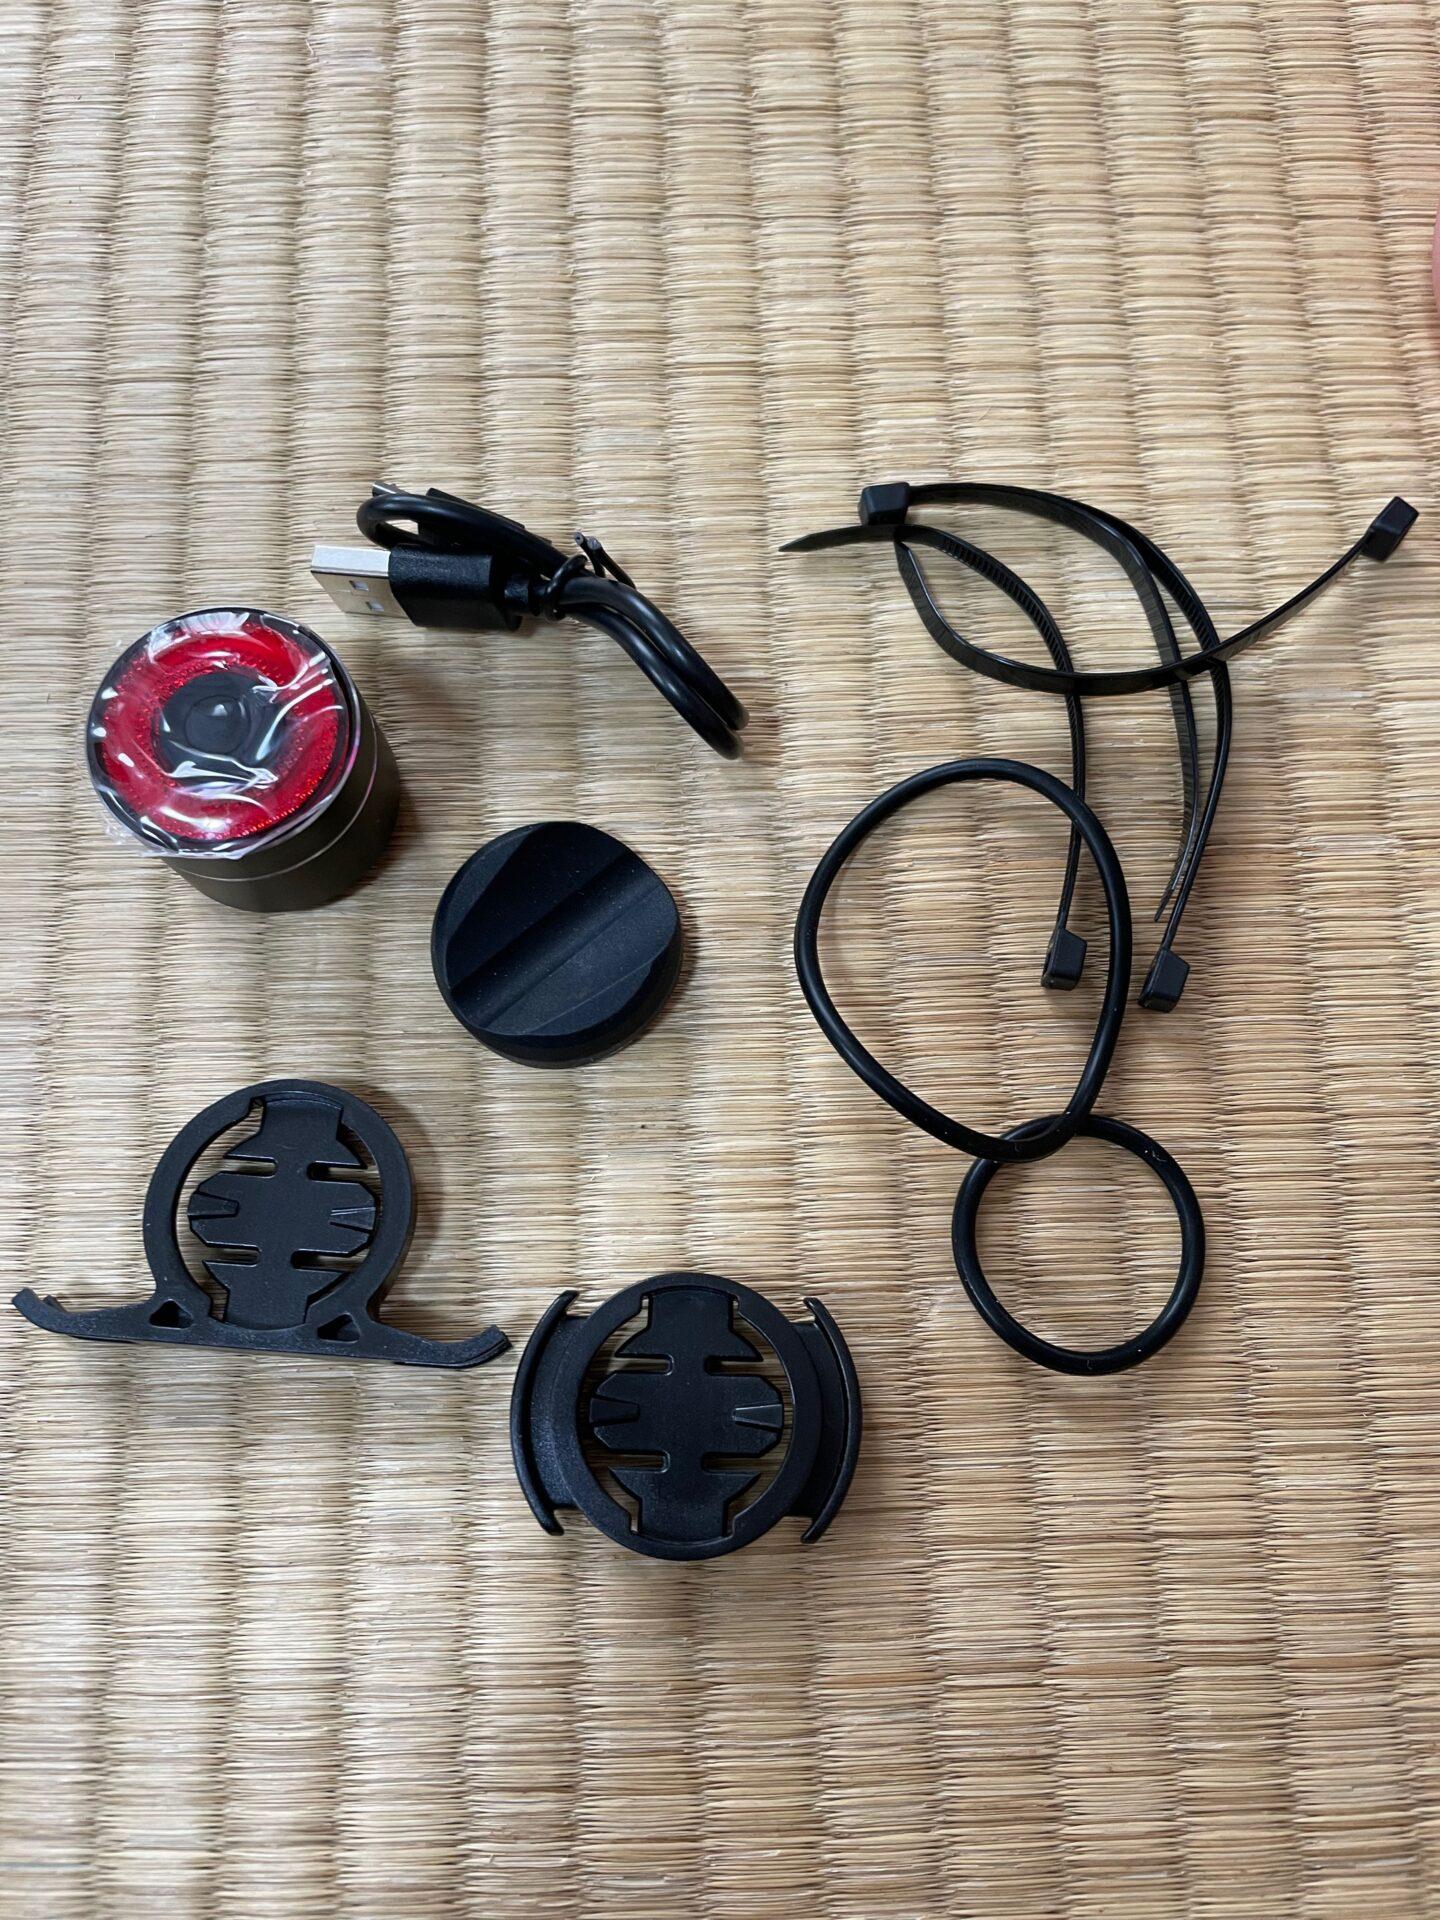 ロードバイク ブレーキランプ 自動点滅 USB充電式 防水リアライト テールライト 中身 付属品